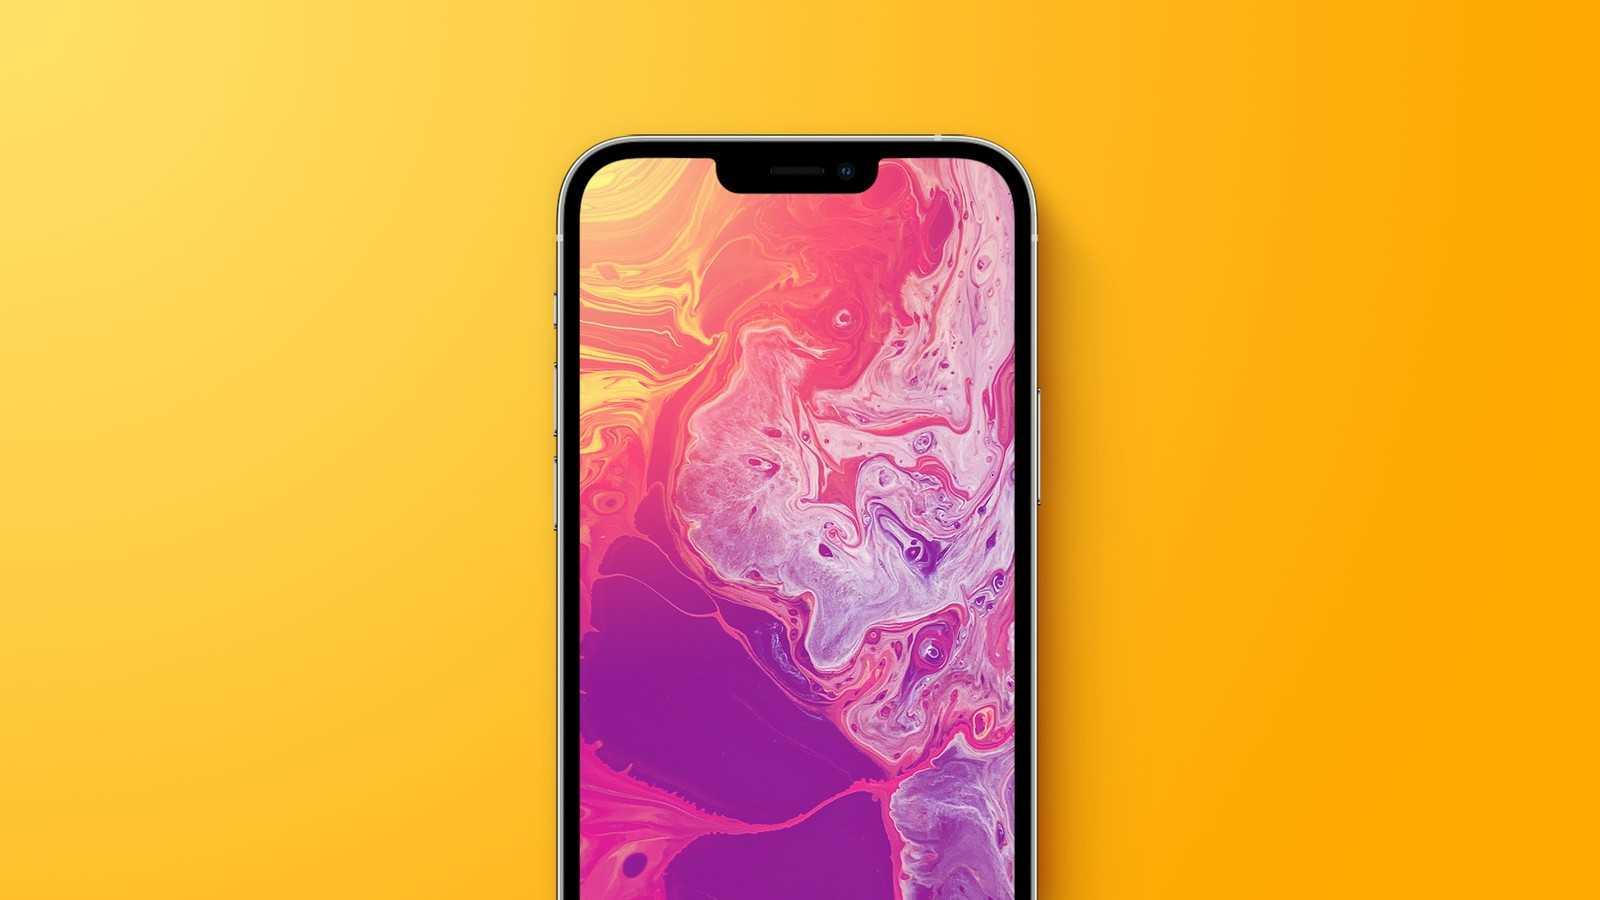 新iPhone 将取名12s 售价与去年一致